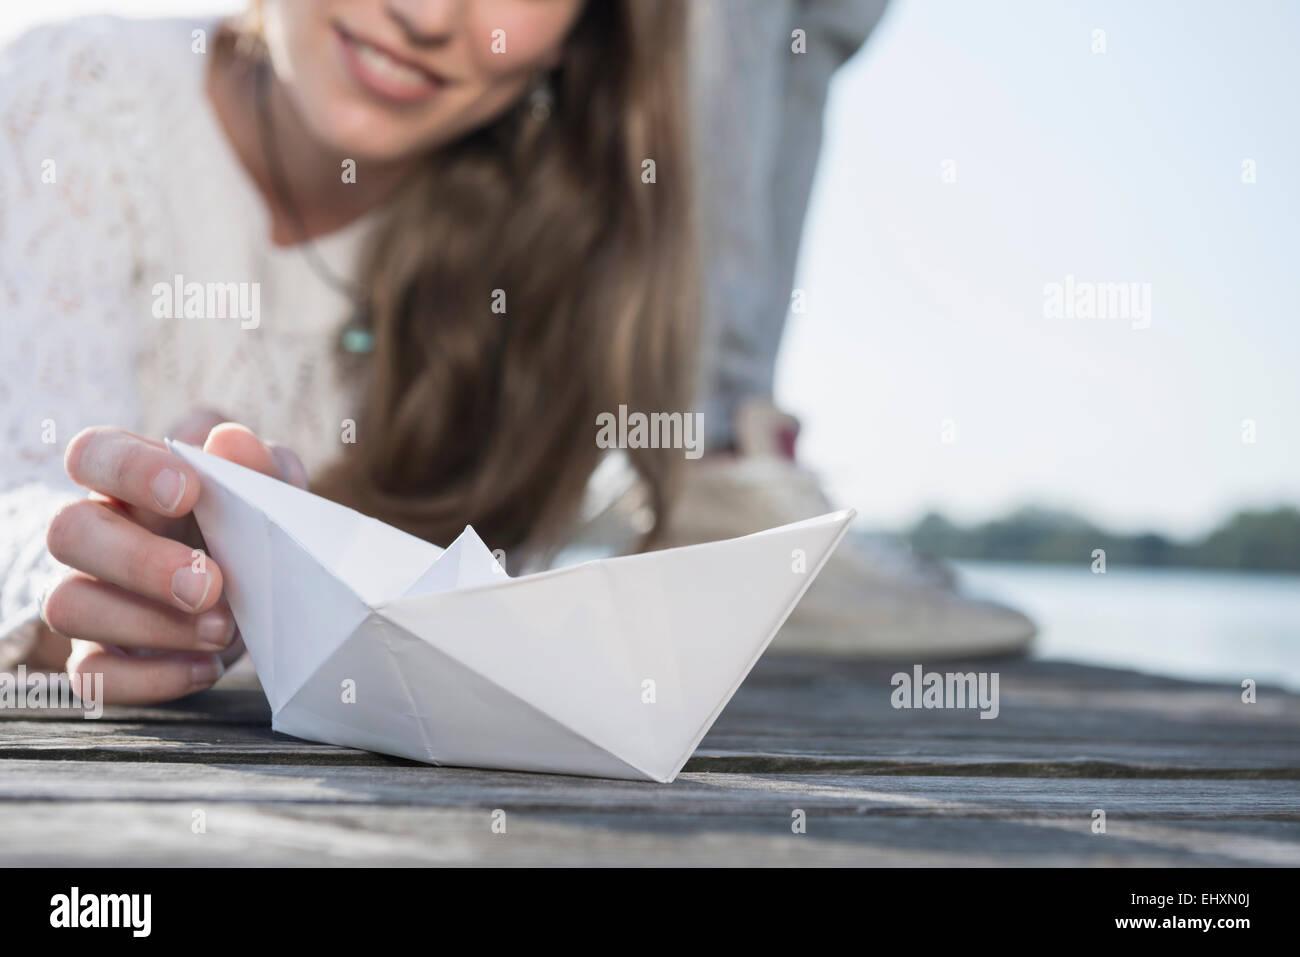 Mujer sosteniendo cerca libro blanco barco detalle Imagen De Stock